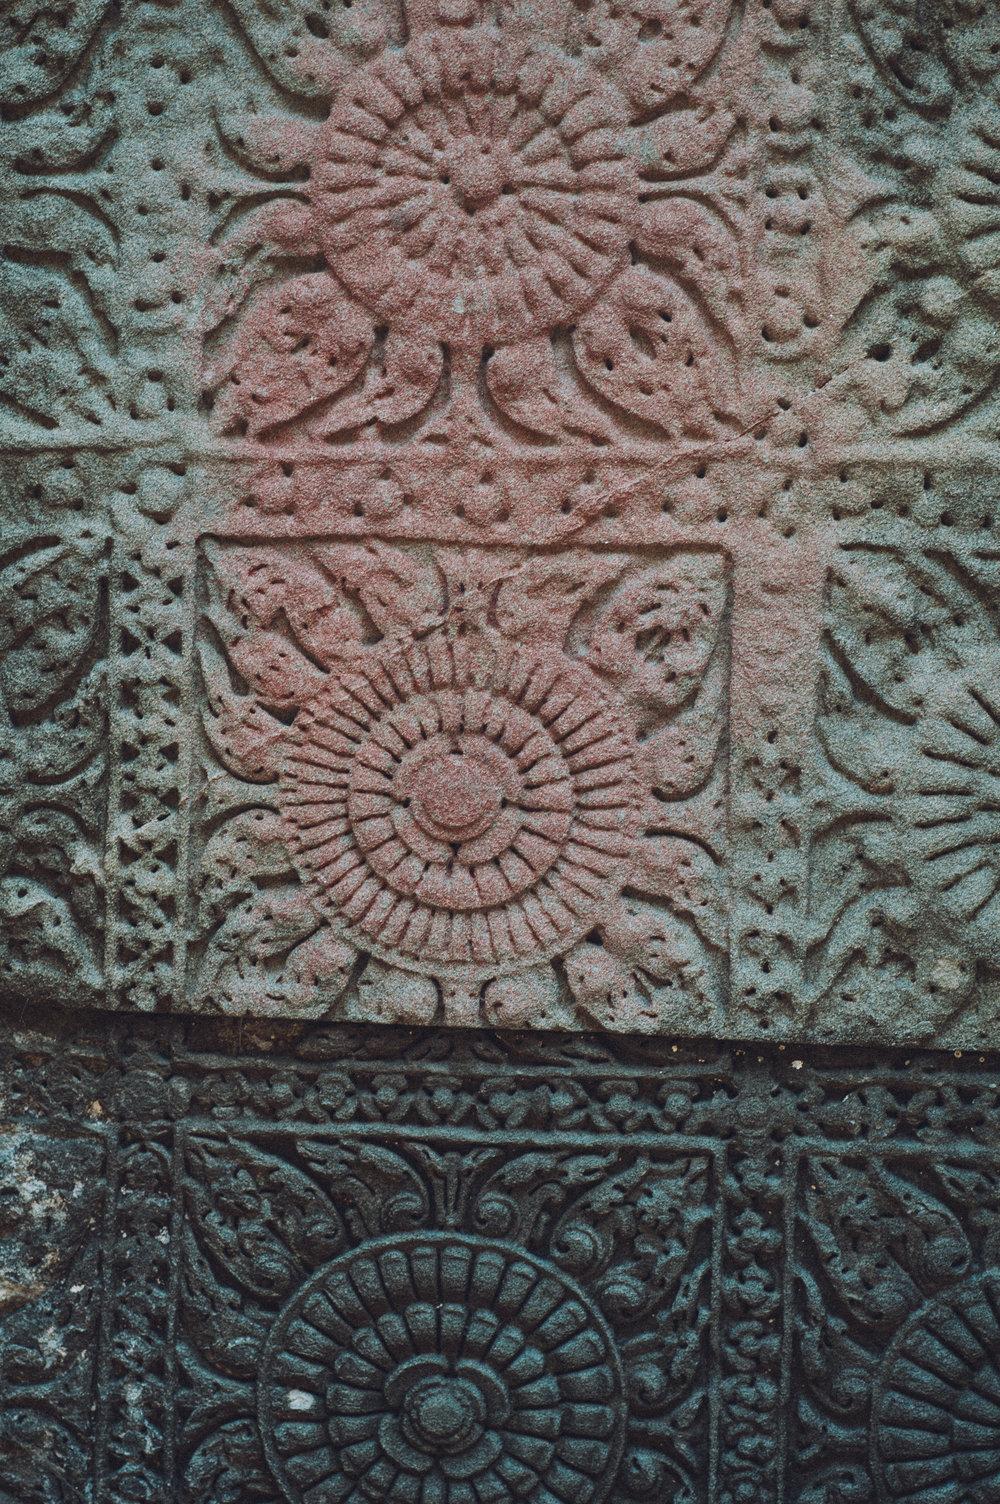 angkor wat temples siem reap (31 of 42).jpg